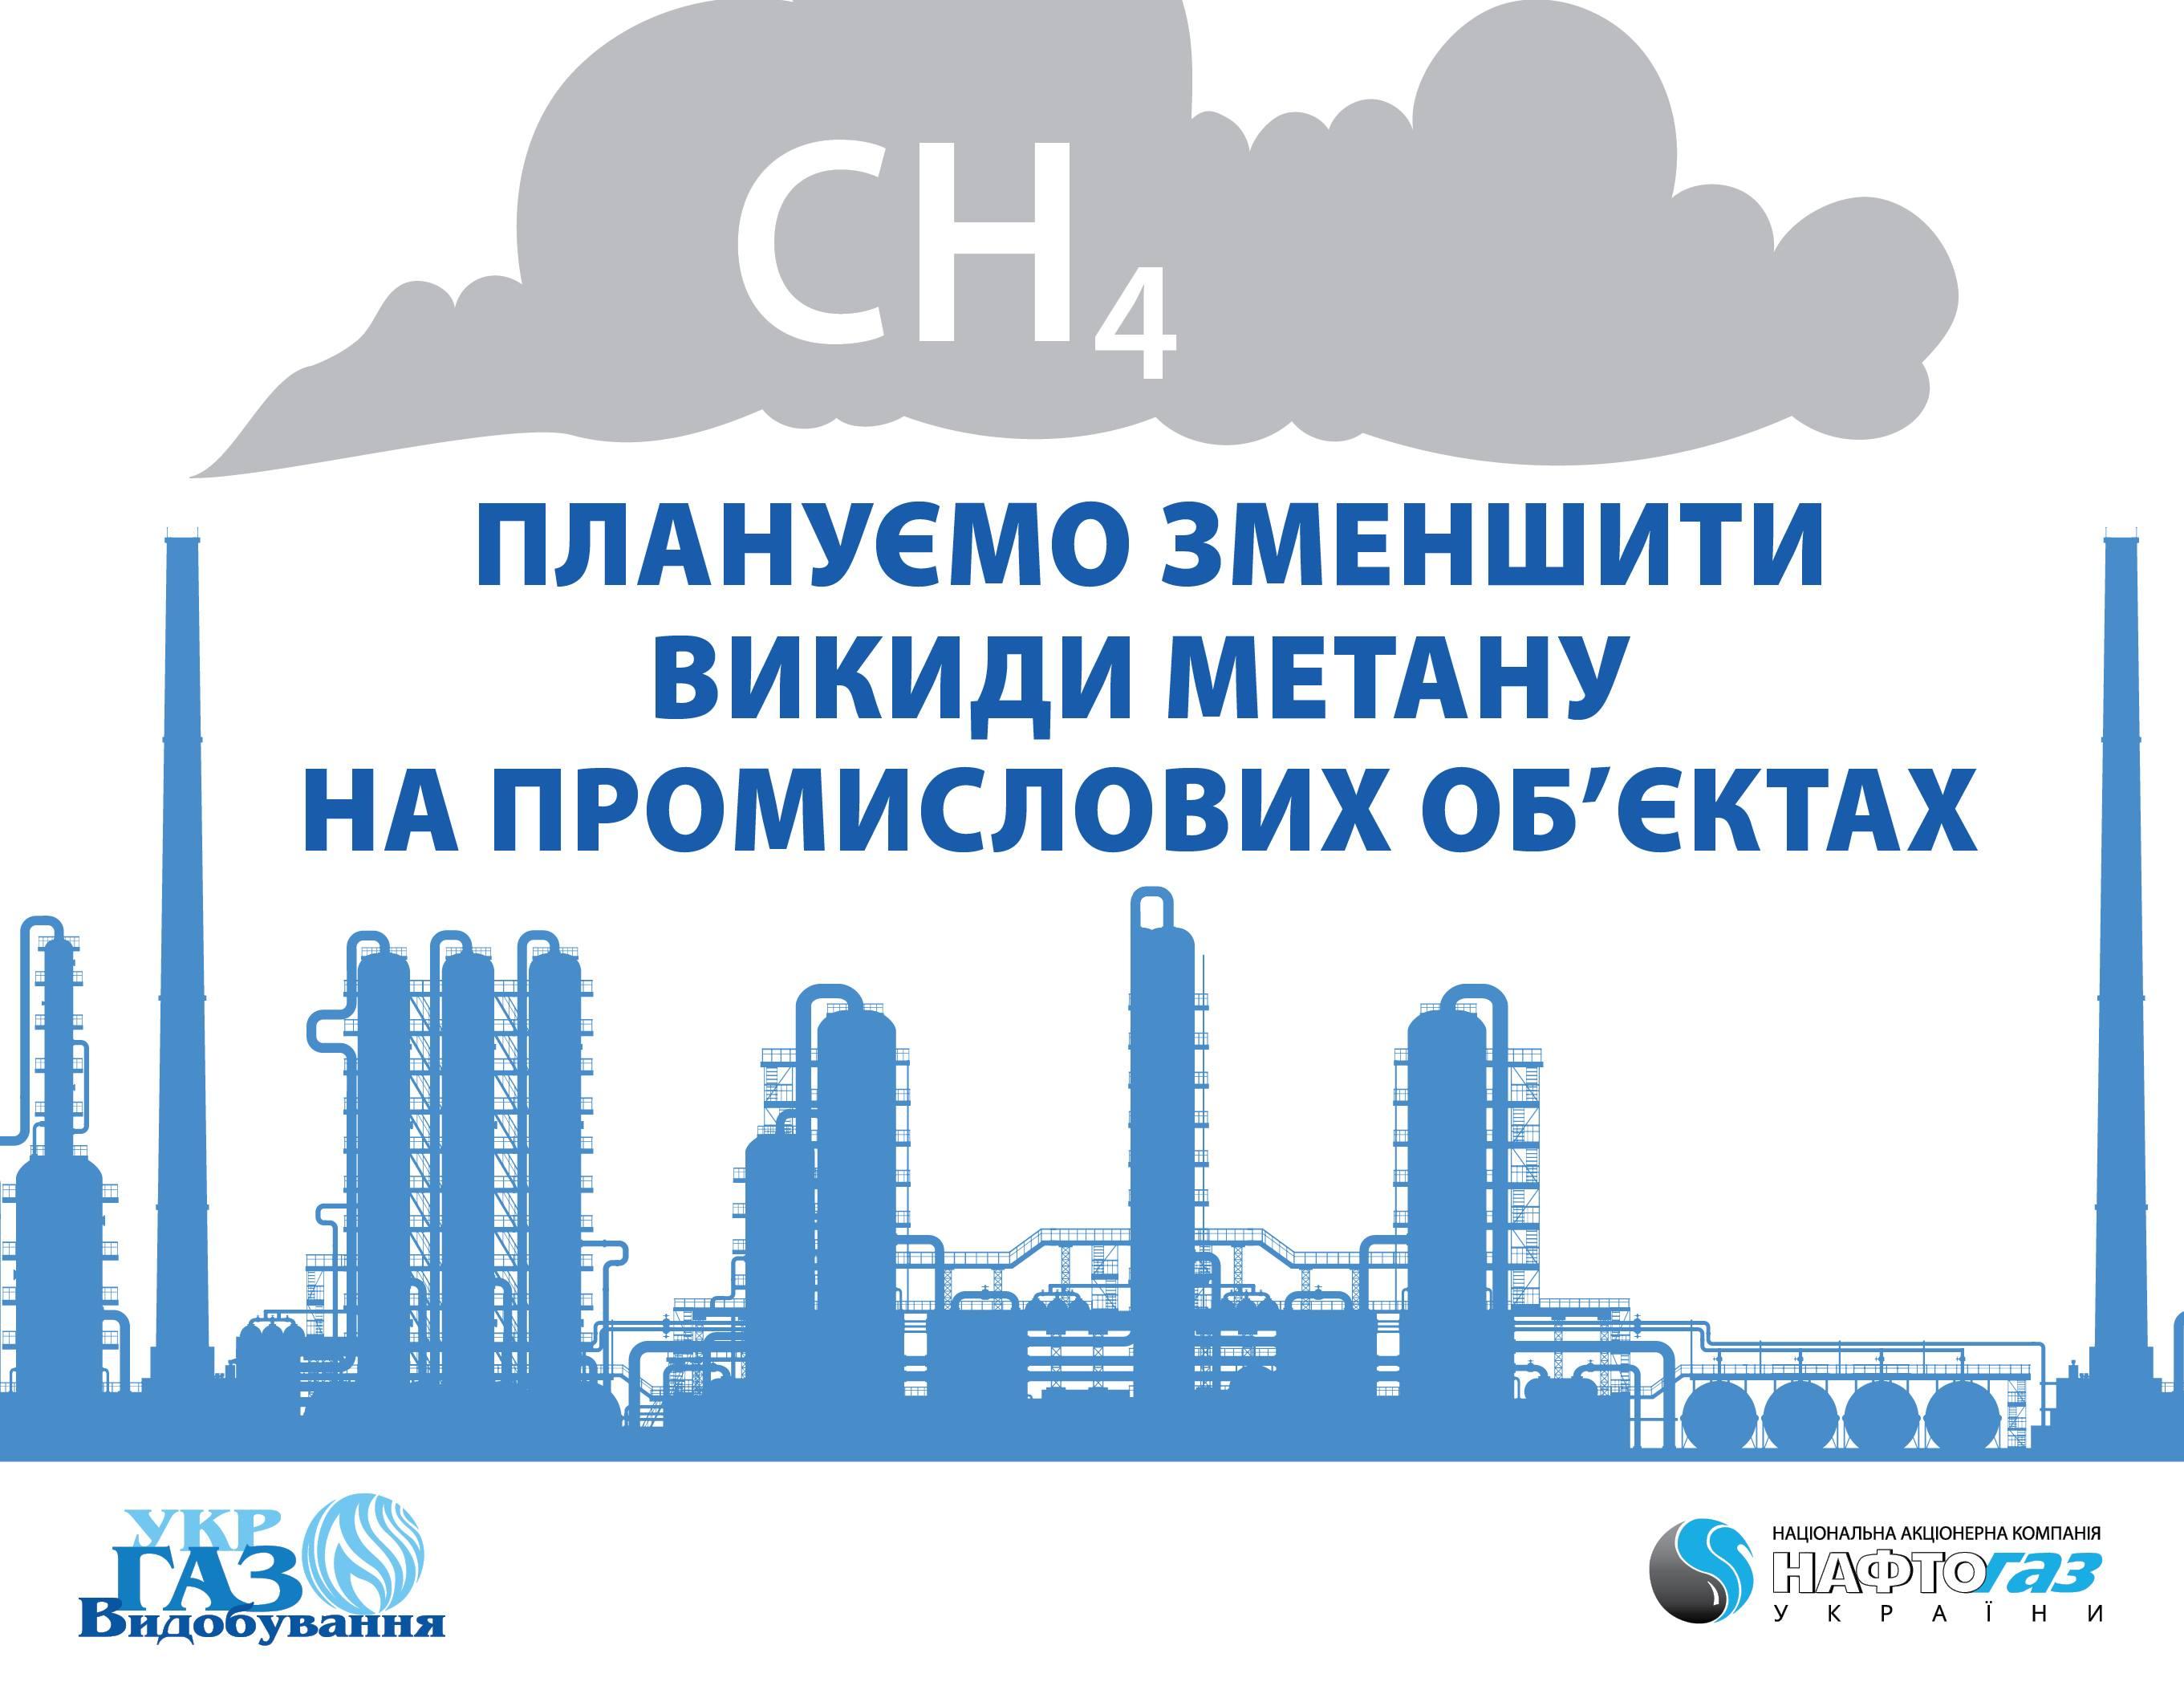 Норвезькі експерти провели дослідження щодо скорочення викидів метану на об'єктах Укргазвидобування